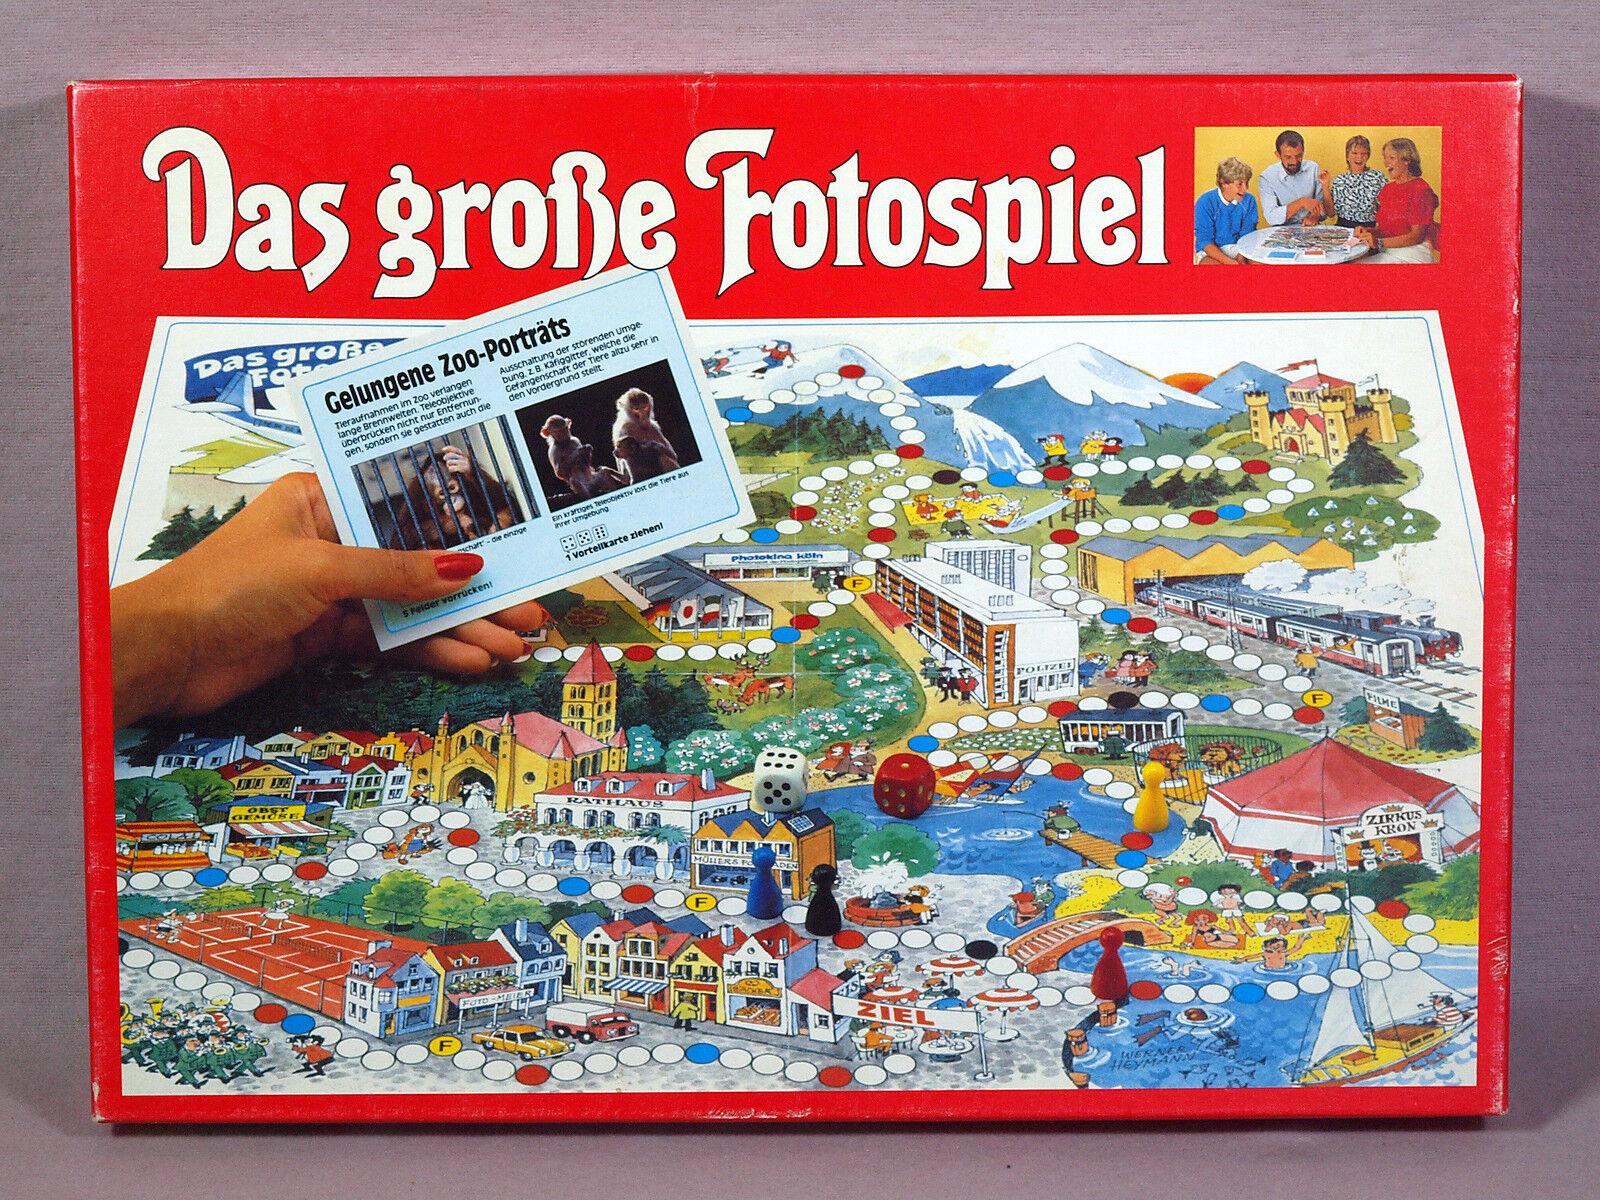 El gran juego de fotografía para 2-6 jugadores a partir de 10j. - vwi Verlag de 1984 foto LÜK